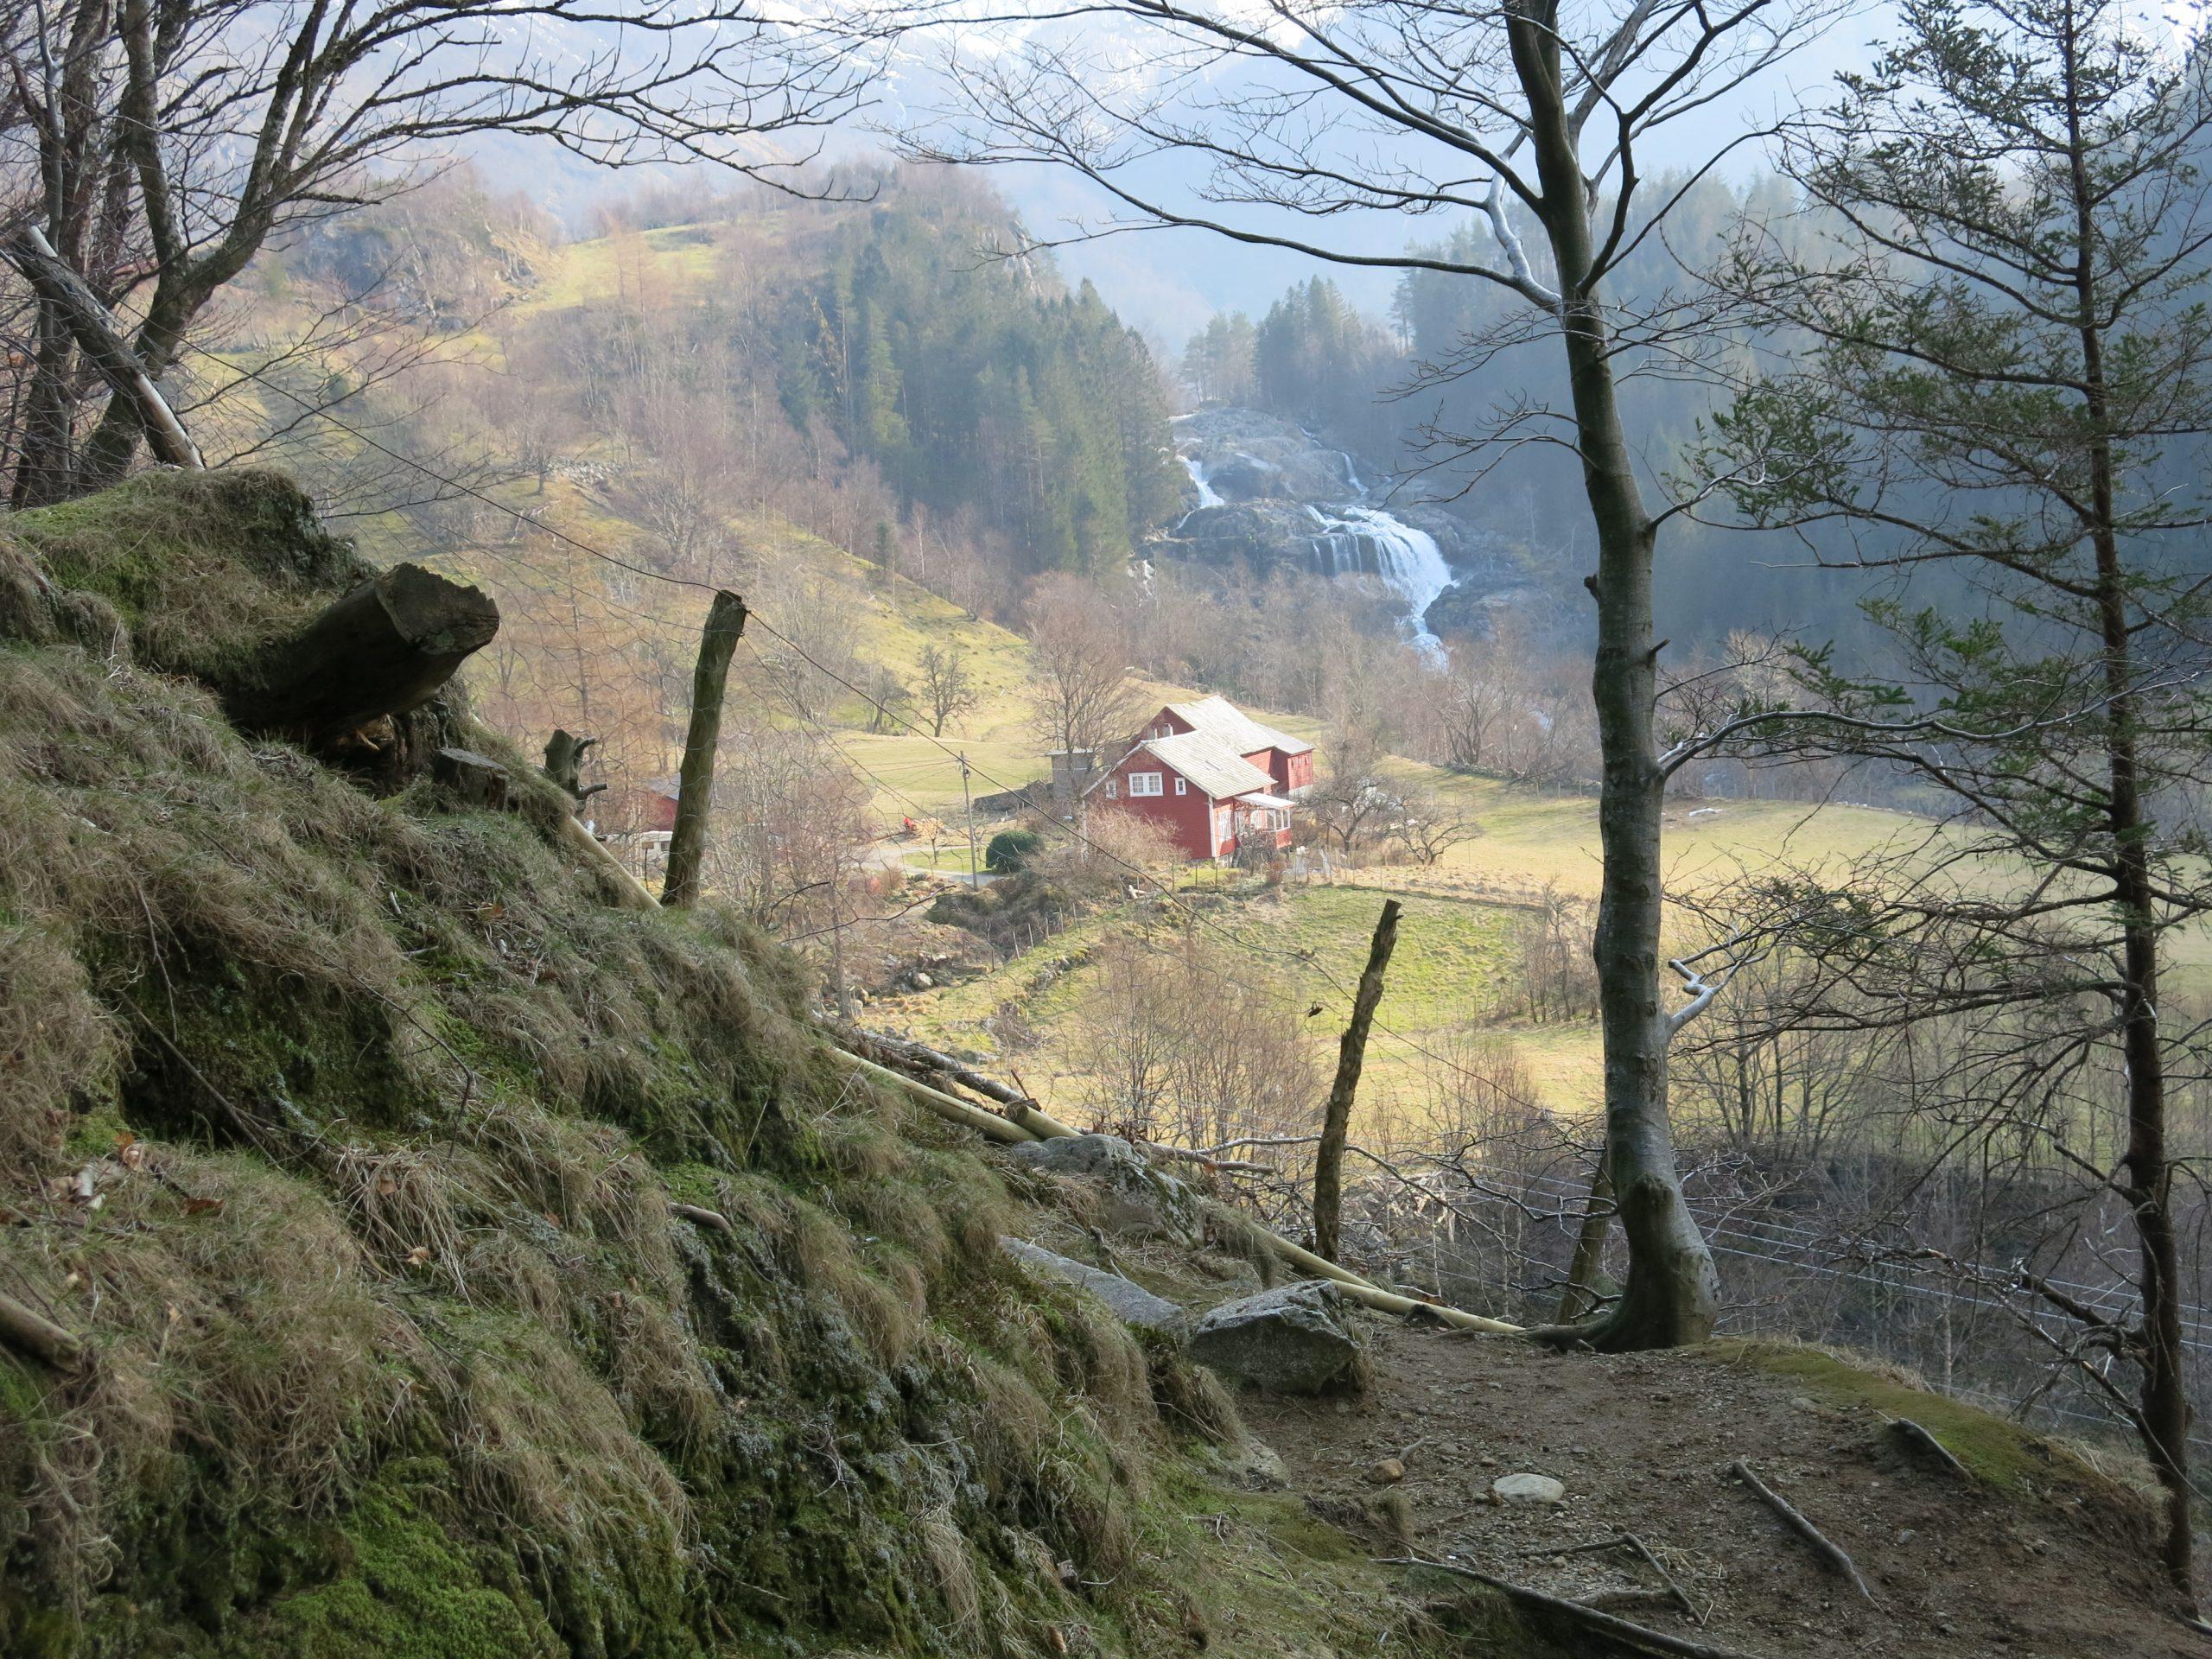 Overiktsbilde av Rosendals kulturlandskap med Hattebergfossen. Bildet er tatt oppe ved fjellet hvor man ser ned i dalen og bebyggelsen. Foto: May Britt Håbjørg, Riksantikvaren